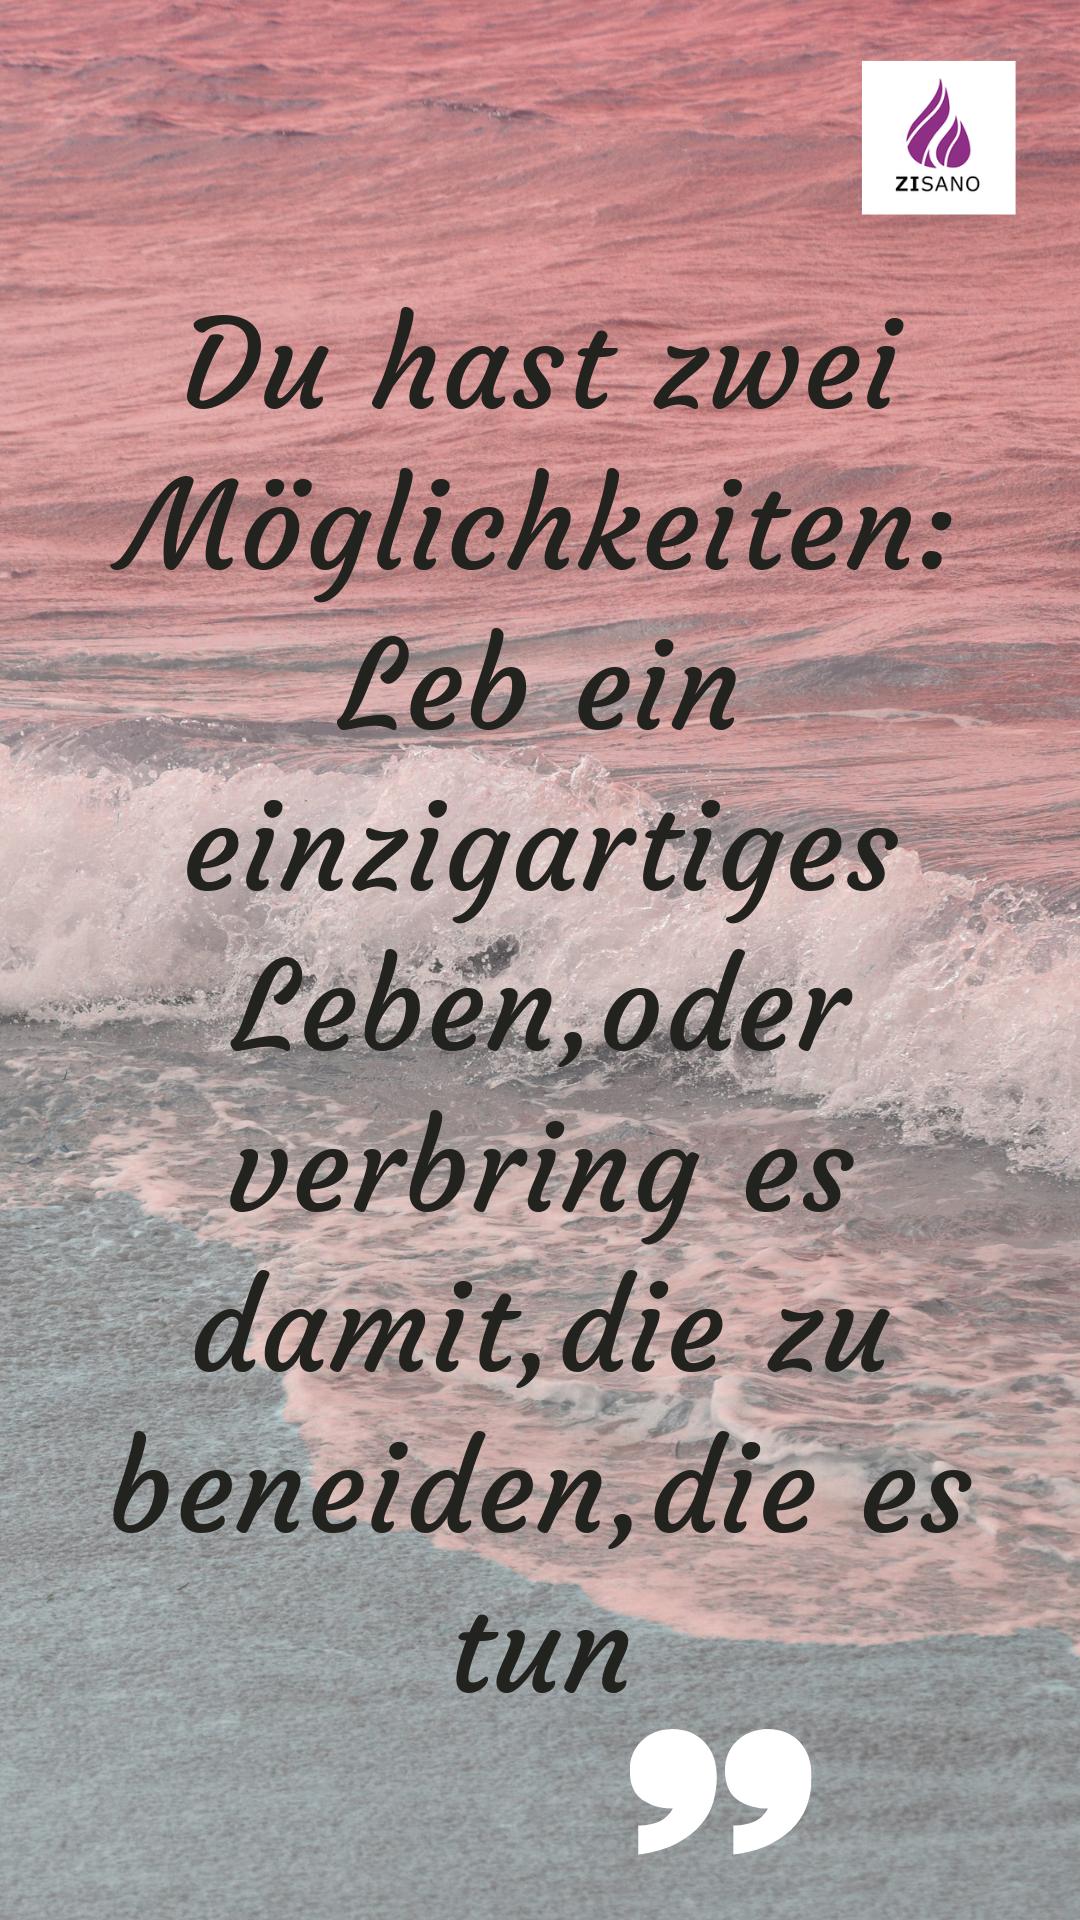 Spruch Des Tages Neujahrswunsche Spruche Weisheiten Zitate Leben Lebensweisheiten Spruche